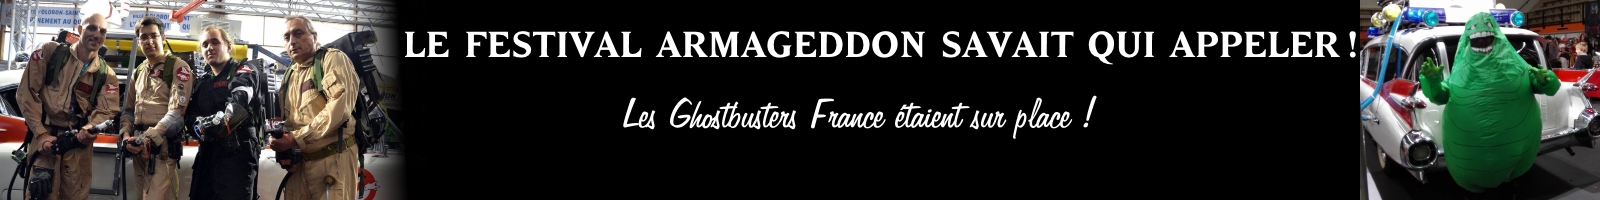 http://www.ghostbusters-france.net/le-festival-armageddon-savait-qui-appeler/